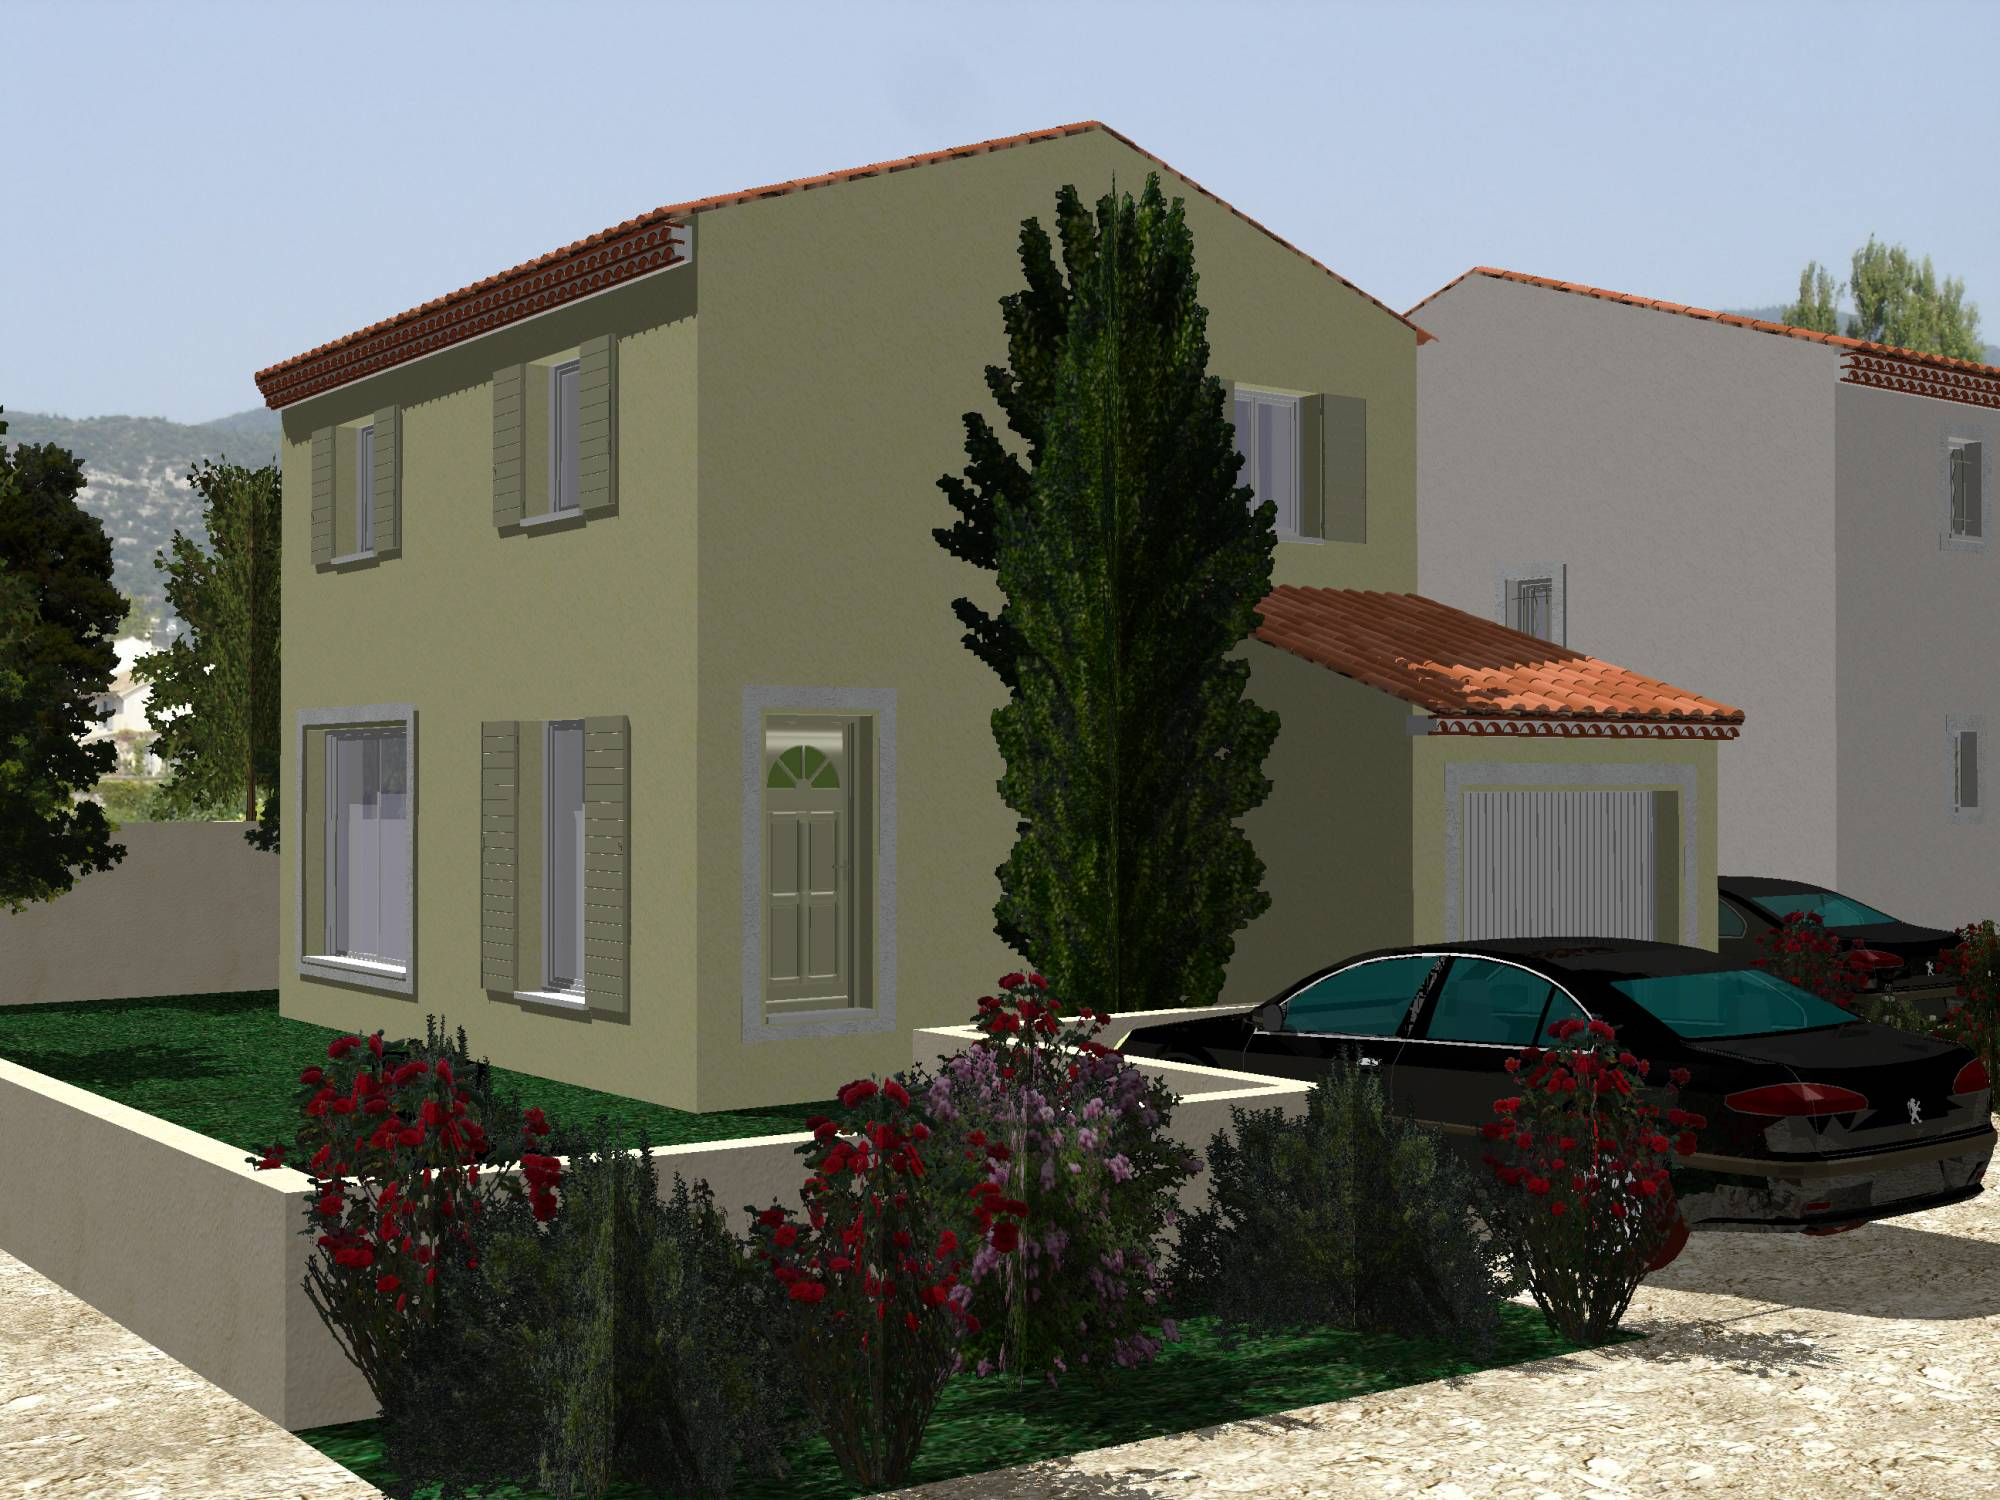 Terrain et maison a construire topic visuel magnifique for Maison terrain a construire